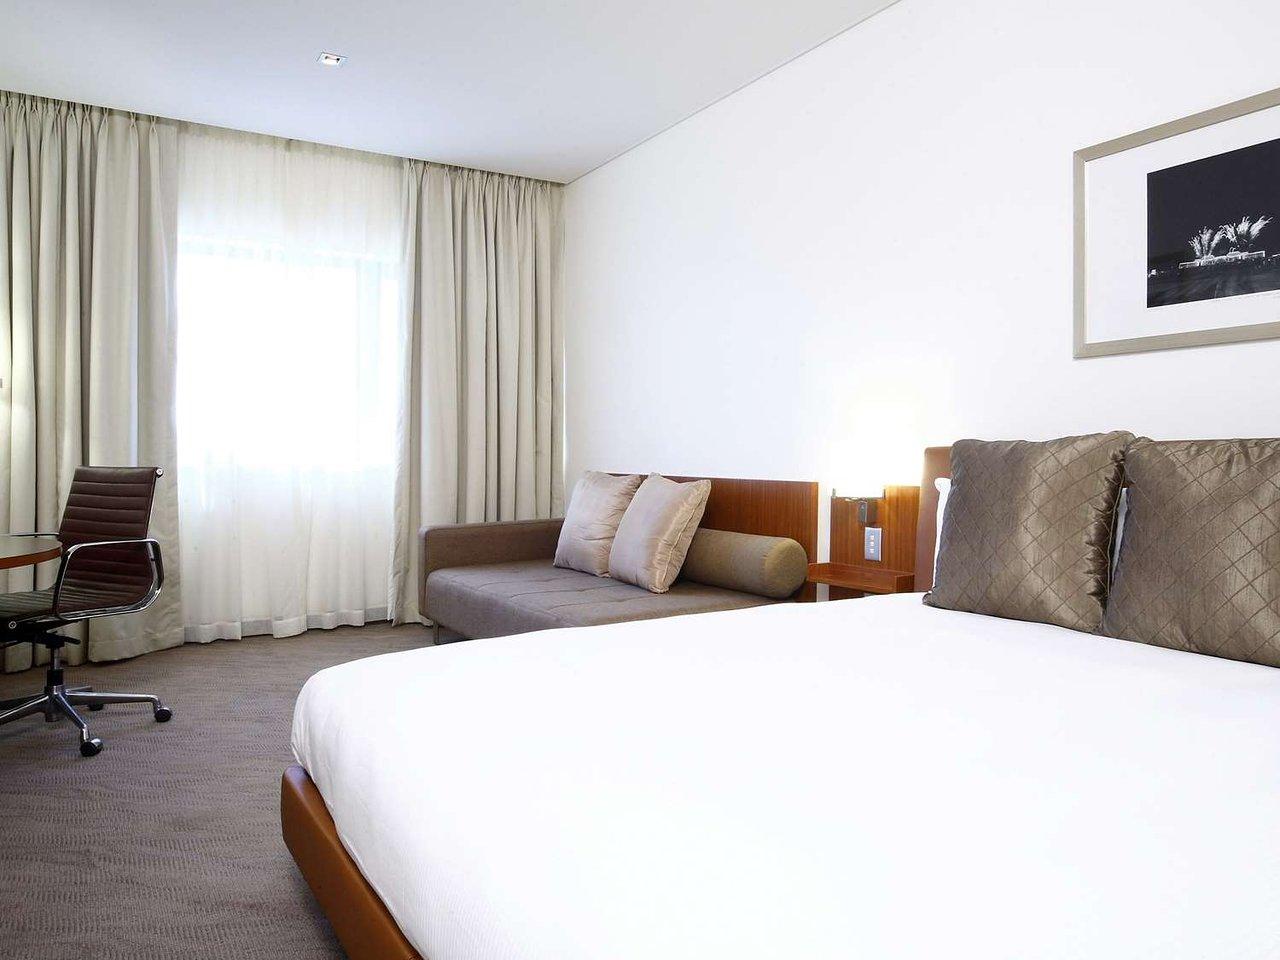 novotel canberra au 137 2019 prices reviews photos of hotel rh tripadvisor com au